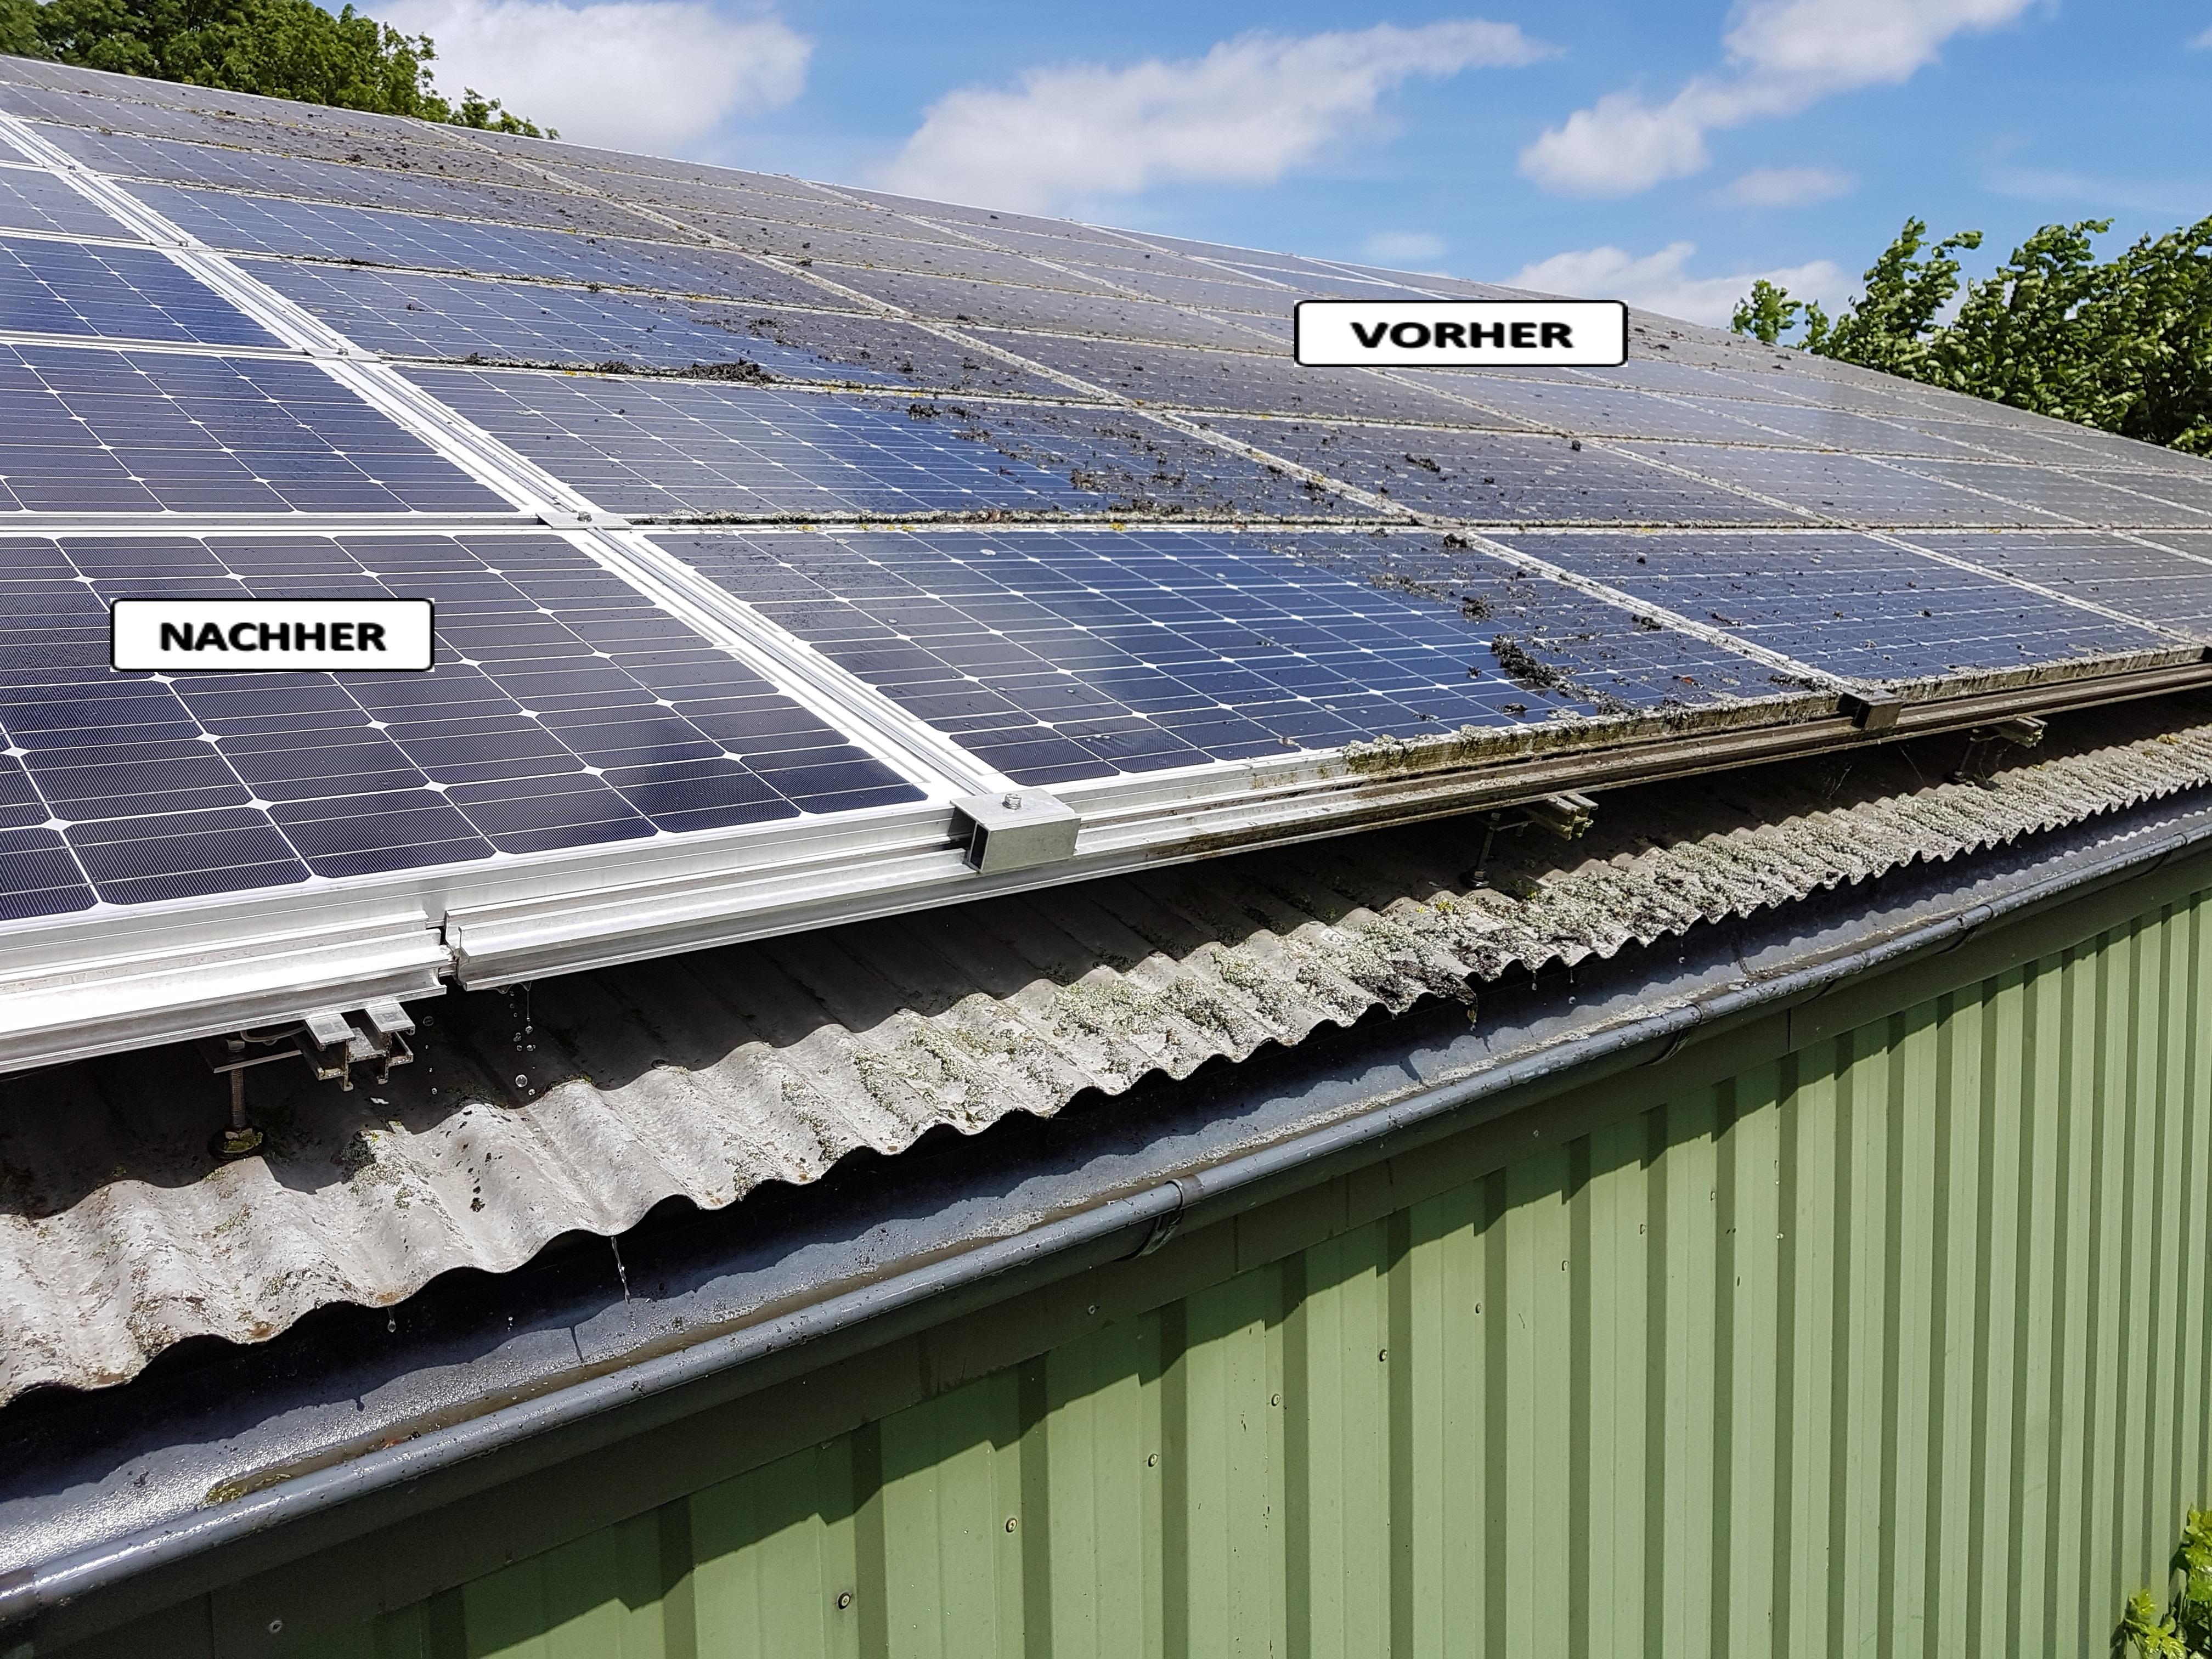 photovoltaik reinigung solarreinigung wir reinigen professionell und kologisch. Black Bedroom Furniture Sets. Home Design Ideas